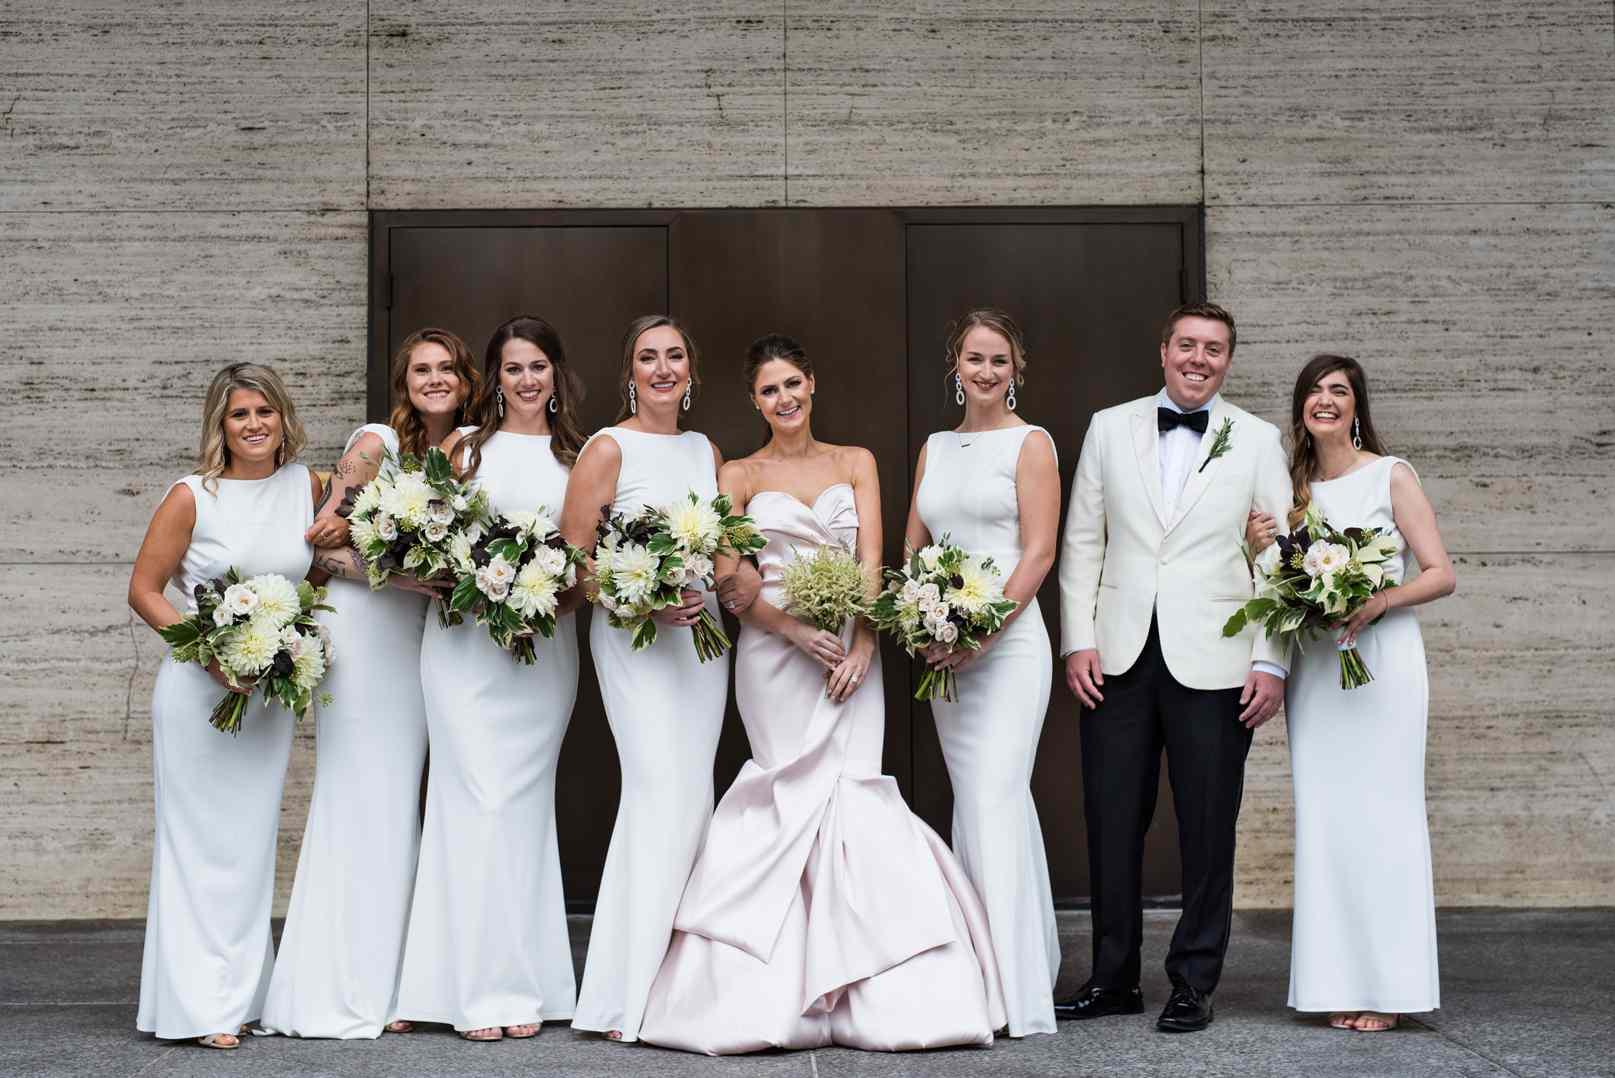 Bridesmaids and the bridesman